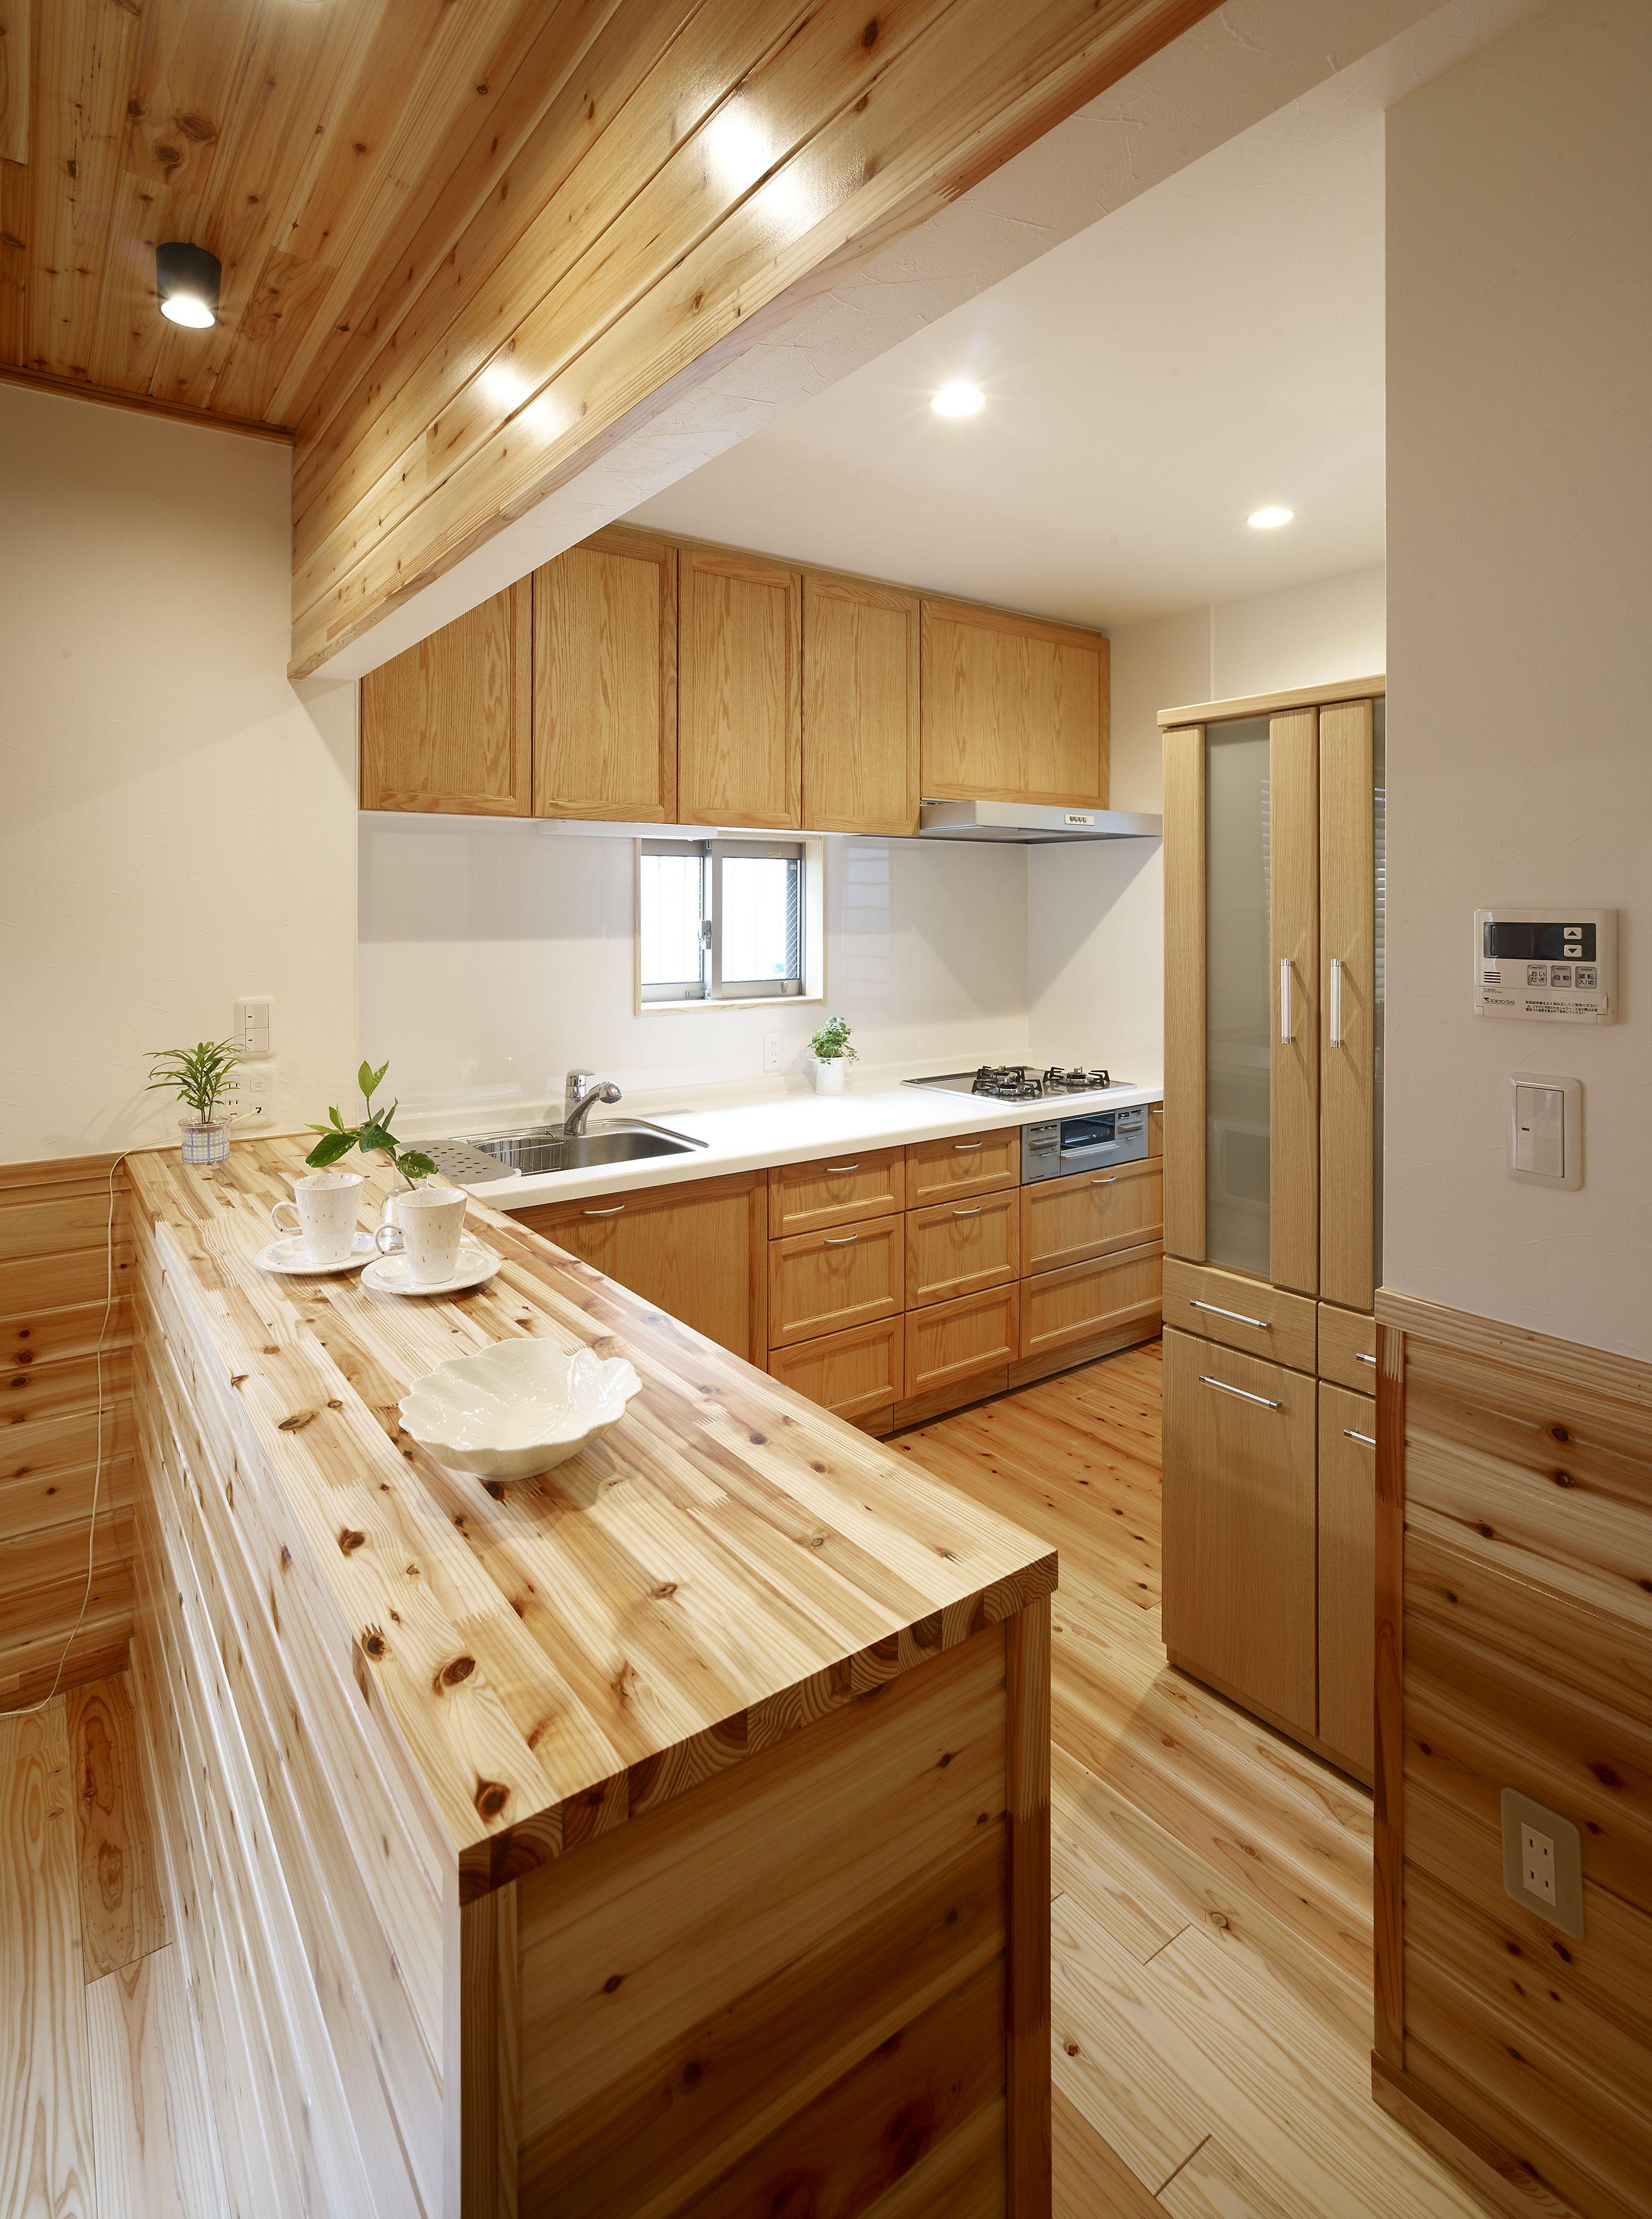 ずっと憧れていたログハウス風の住まいにリノベーション 木目の綺麗な框扉のキッチン は台輪まで引出しタイプのフロアキャビネットでたっぷり収納できます 床 壁 天井には杉の無垢材をふんだんに用いました メンテナンスのしやすさを考慮し 汚れ防止のクリア塗装で